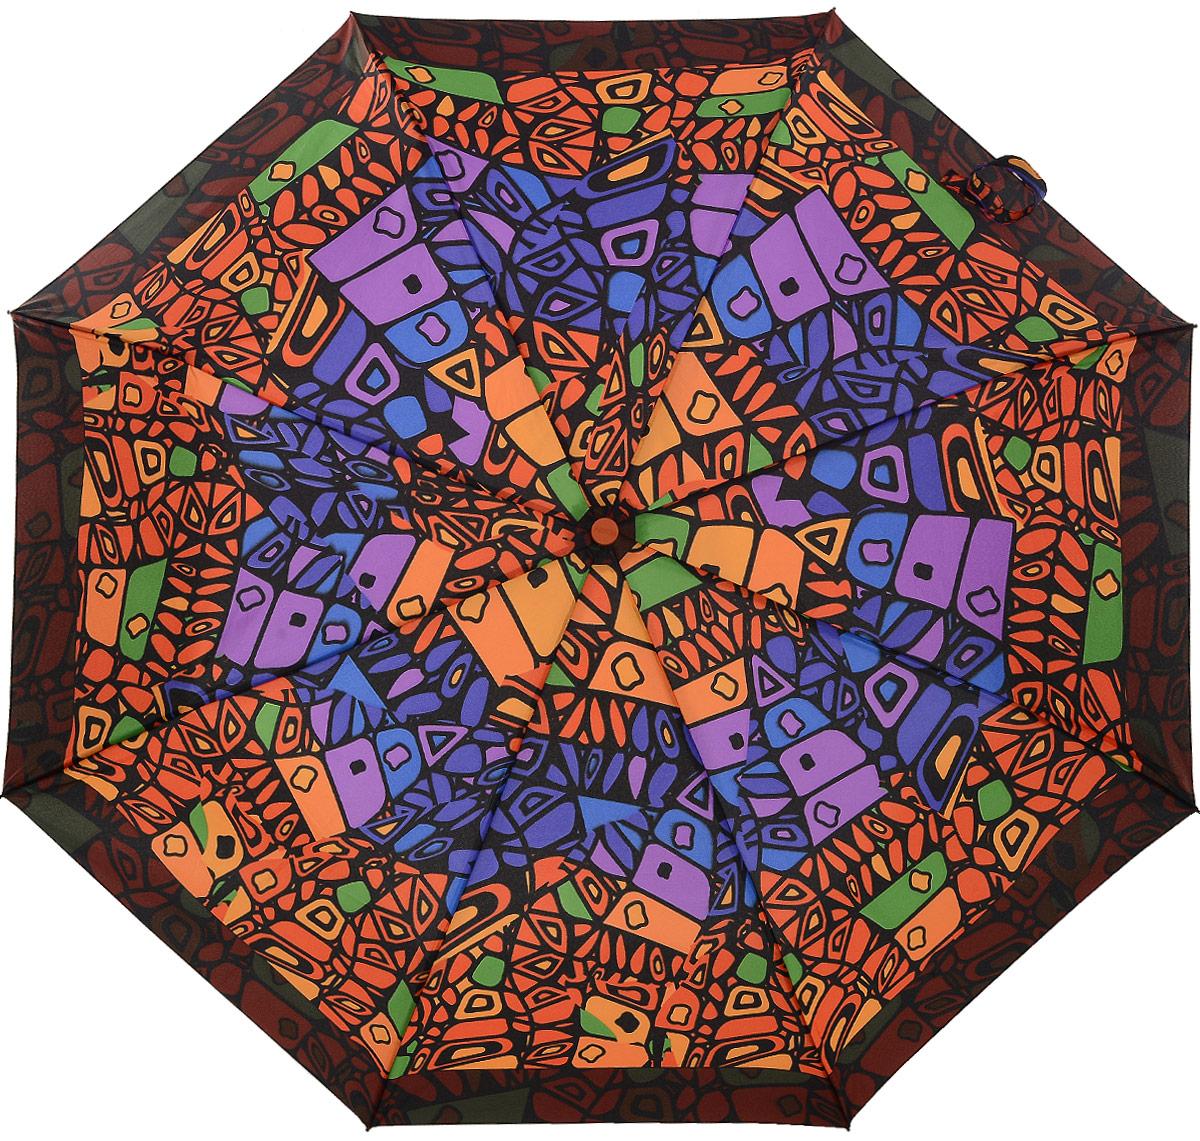 Зонт женский Airton, механический, 3 сложения, цвет: оранжевый, фиолетовый. 3515-3133515-313Классический женский зонт Airton в 3 сложения имеет механическую систему открытия и закрытия. Каркас зонта выполнен из восьми спиц на прочном стержне. Купол зонта изготовлен из прочного полиэстера. Практичная рукоятка закругленной формы разработана с учетом требований эргономики и выполнена из качественного пластика. Такой зонт оснащен системой антиветер, которая позволяет спицам при порывах ветрах выгибаться наизнанку, и при этом не ломаться. К зонту прилагается чехол.